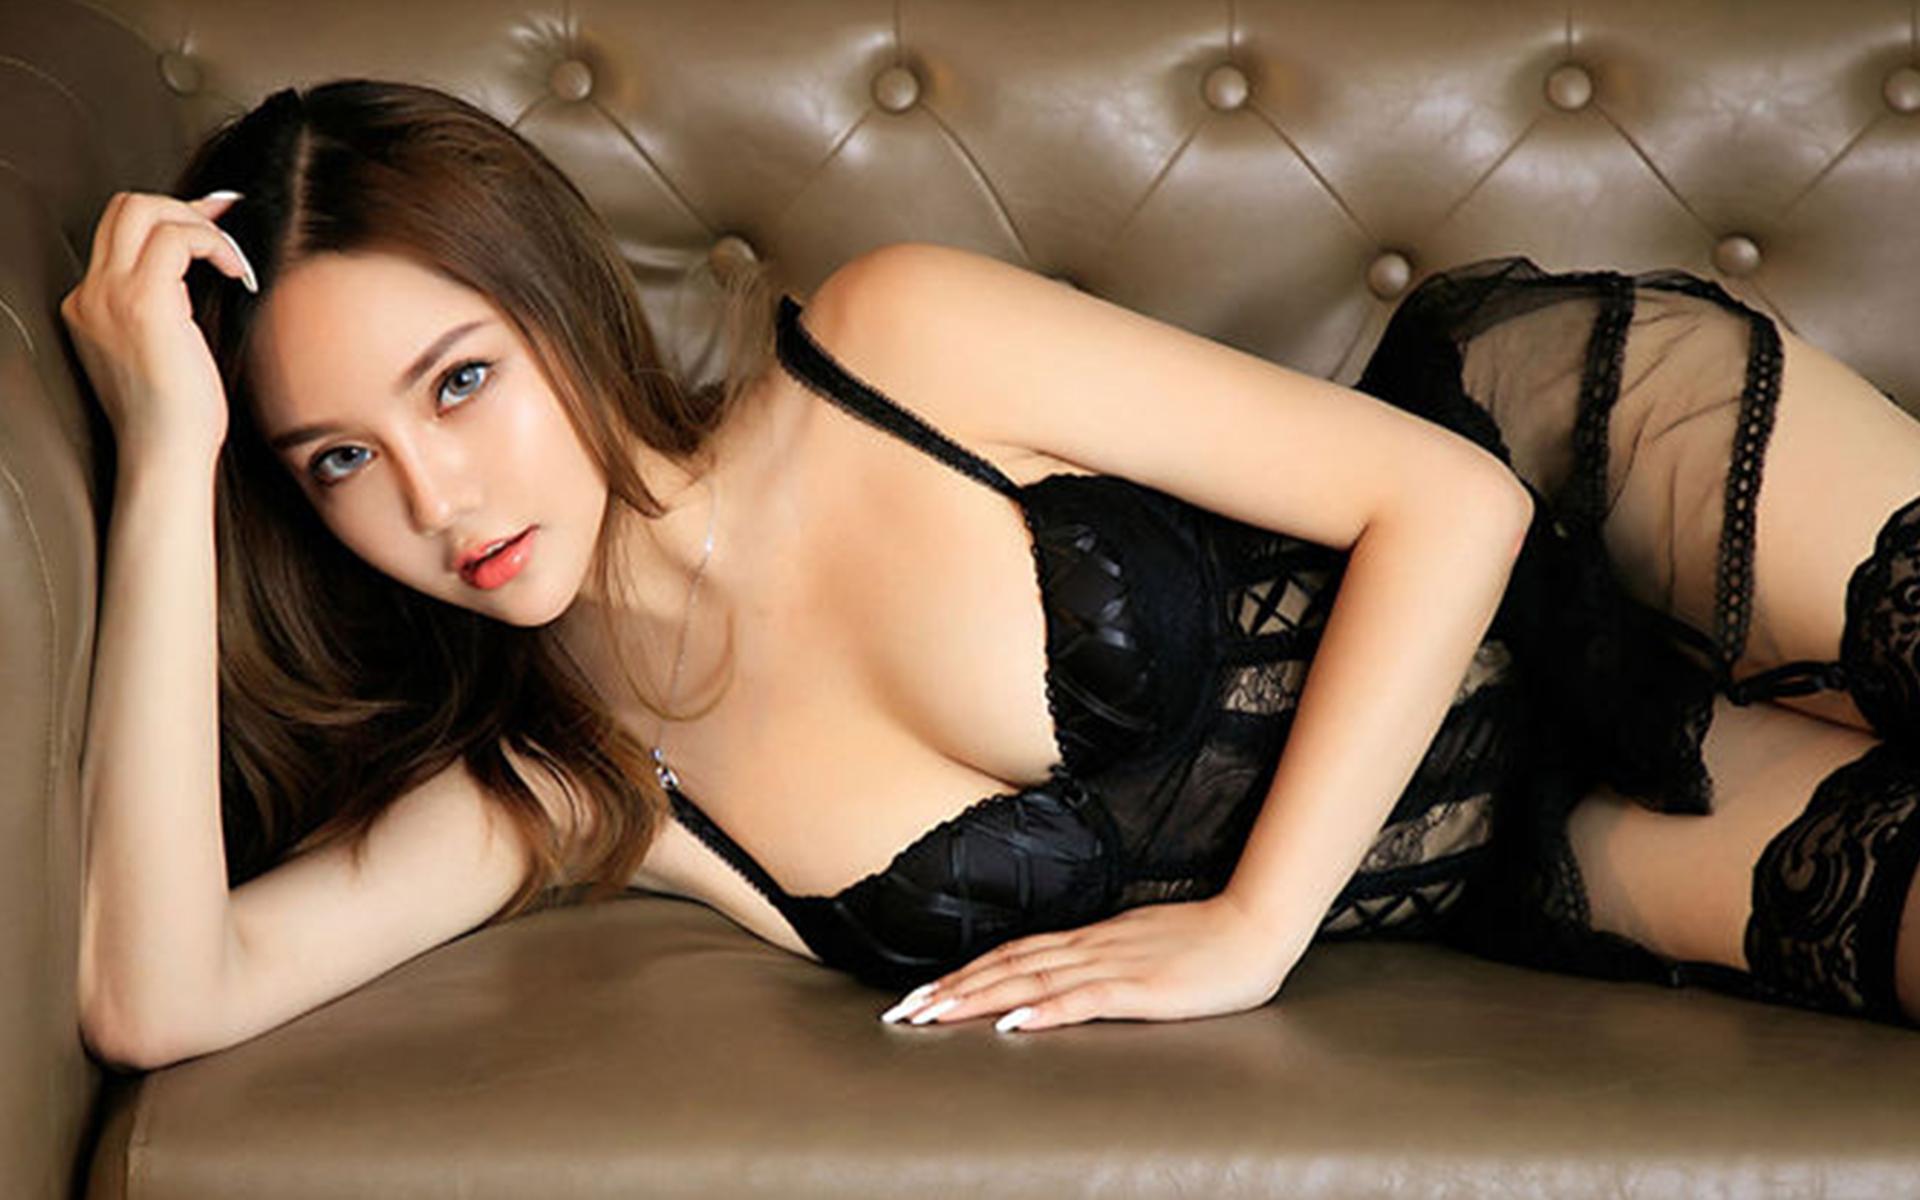 黑丝大胸美女透视情趣内衣翘臀风骚写真桌面壁纸